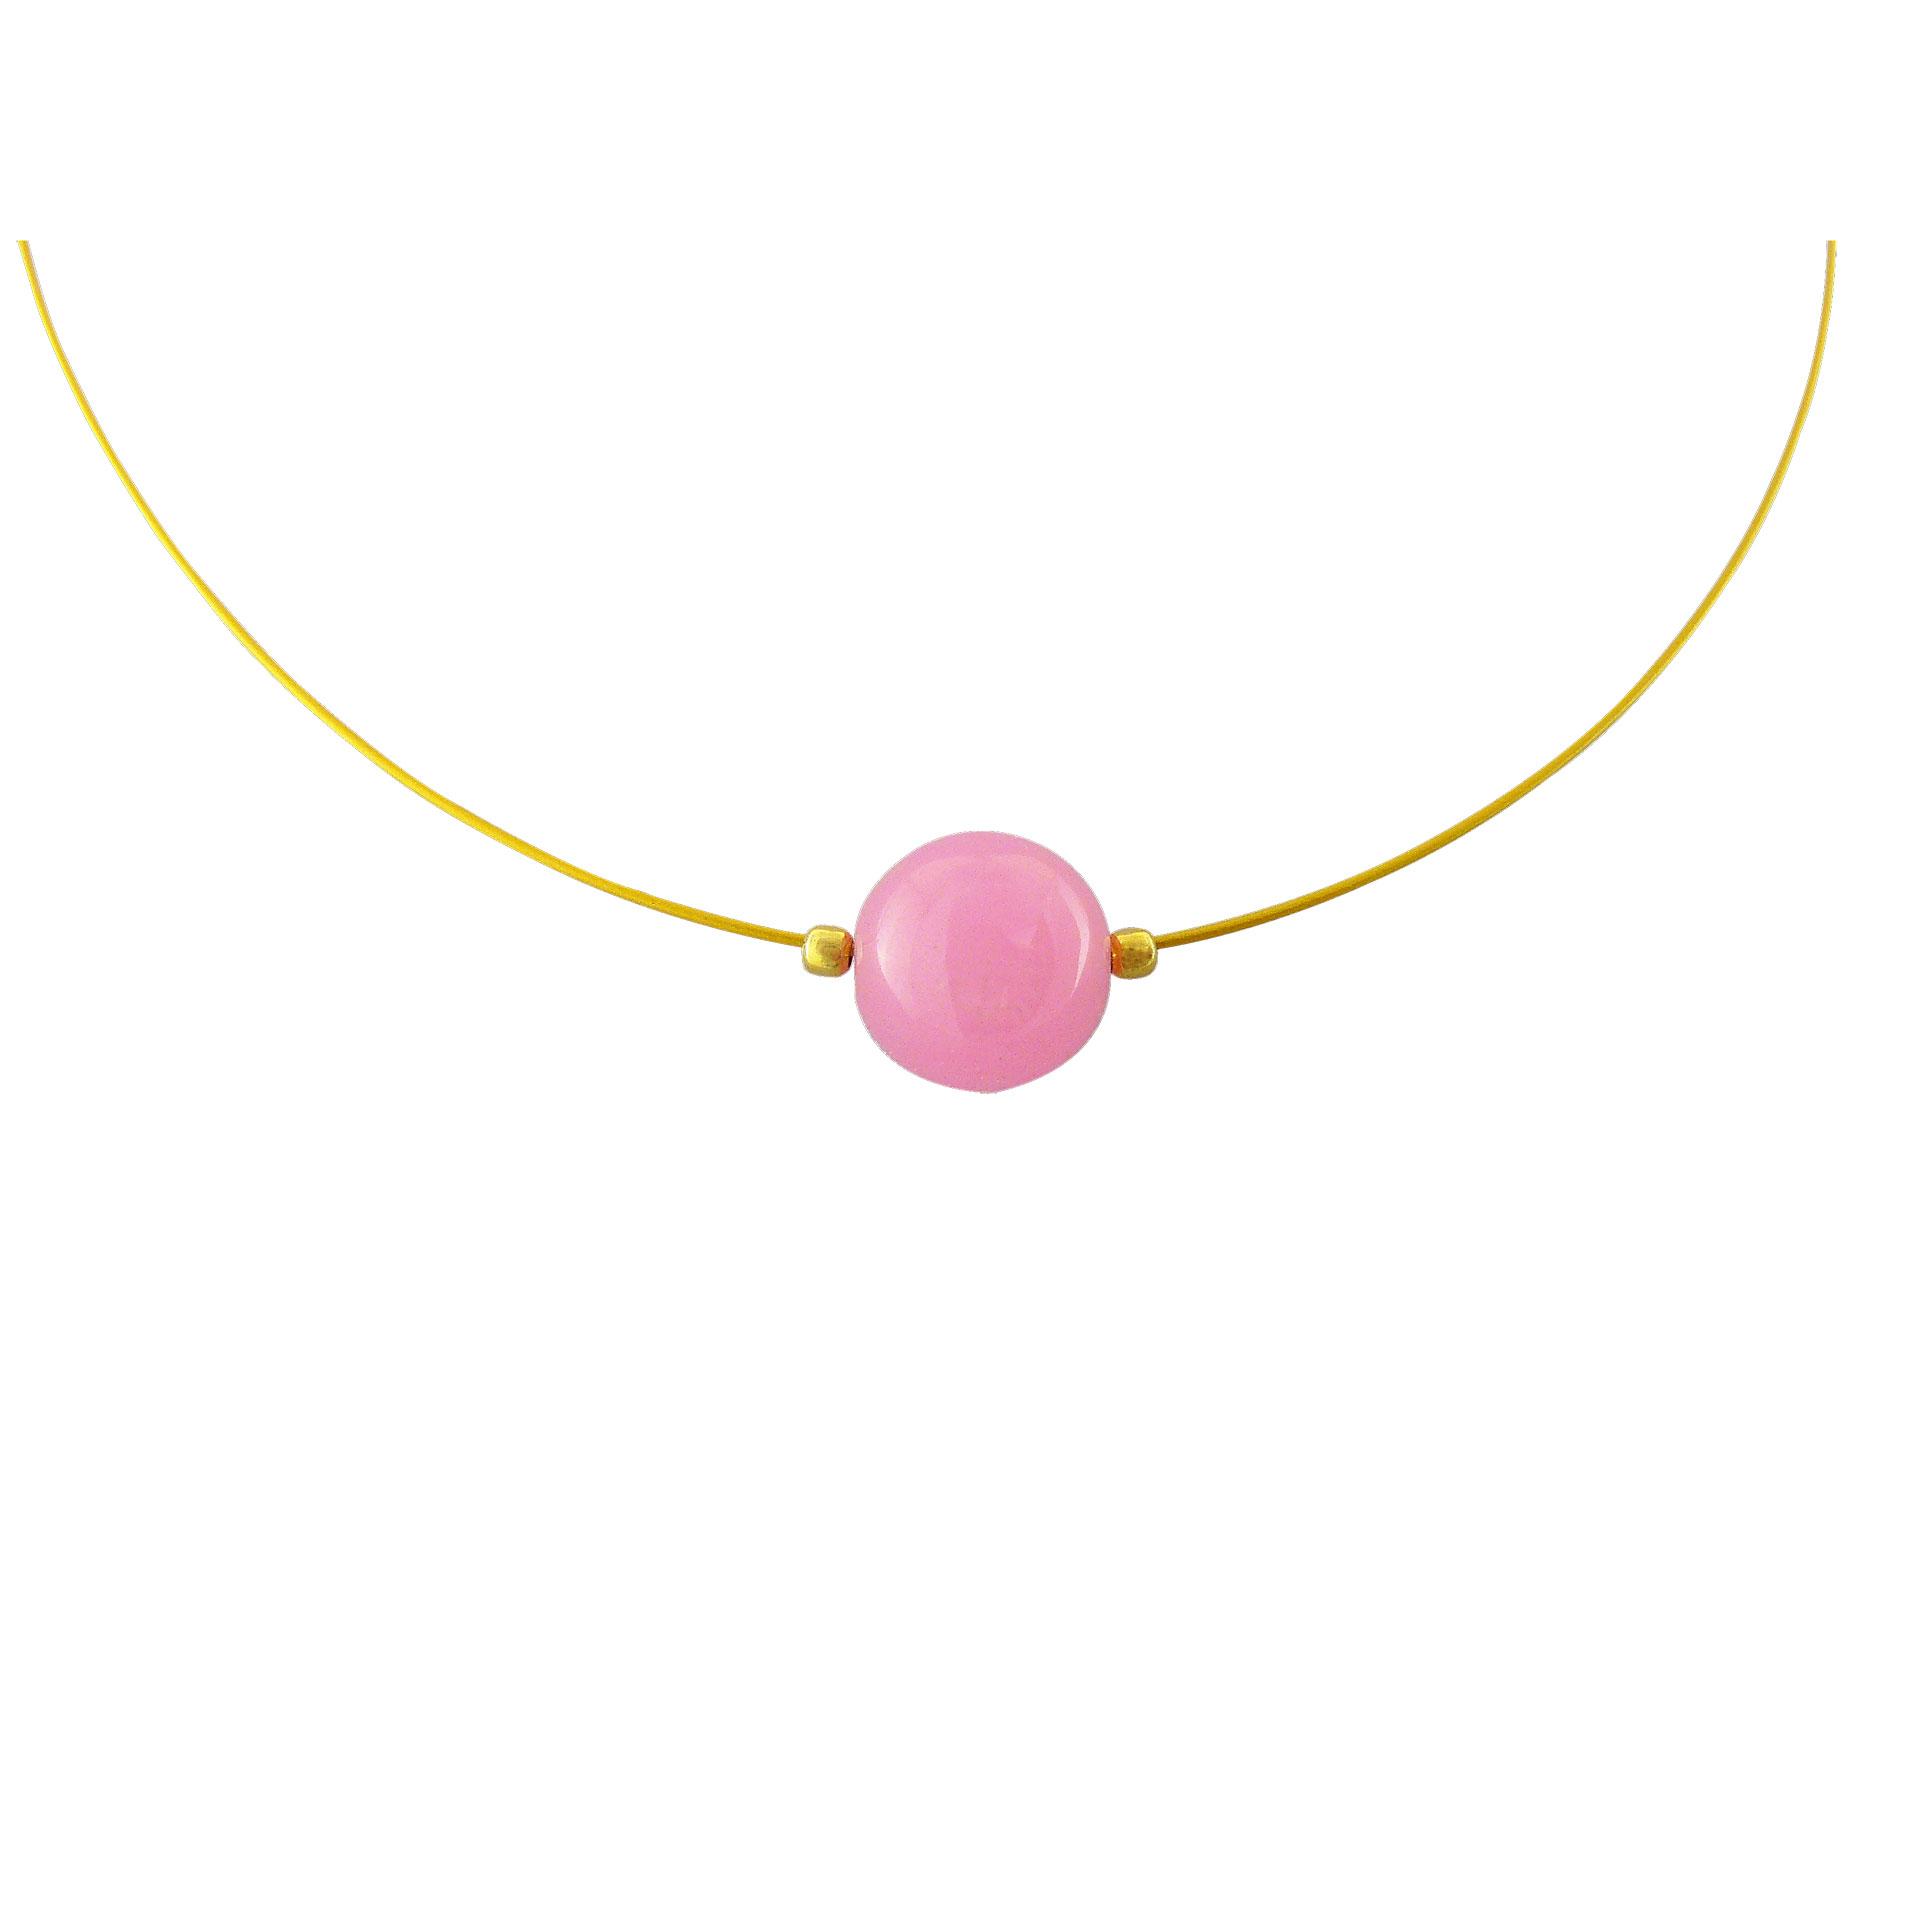 Γυναικείο Μεταγίον με Ροζ Χαλαζίας - Ενεργειακή Πέτρα της Αγάπης (Silver 925°)